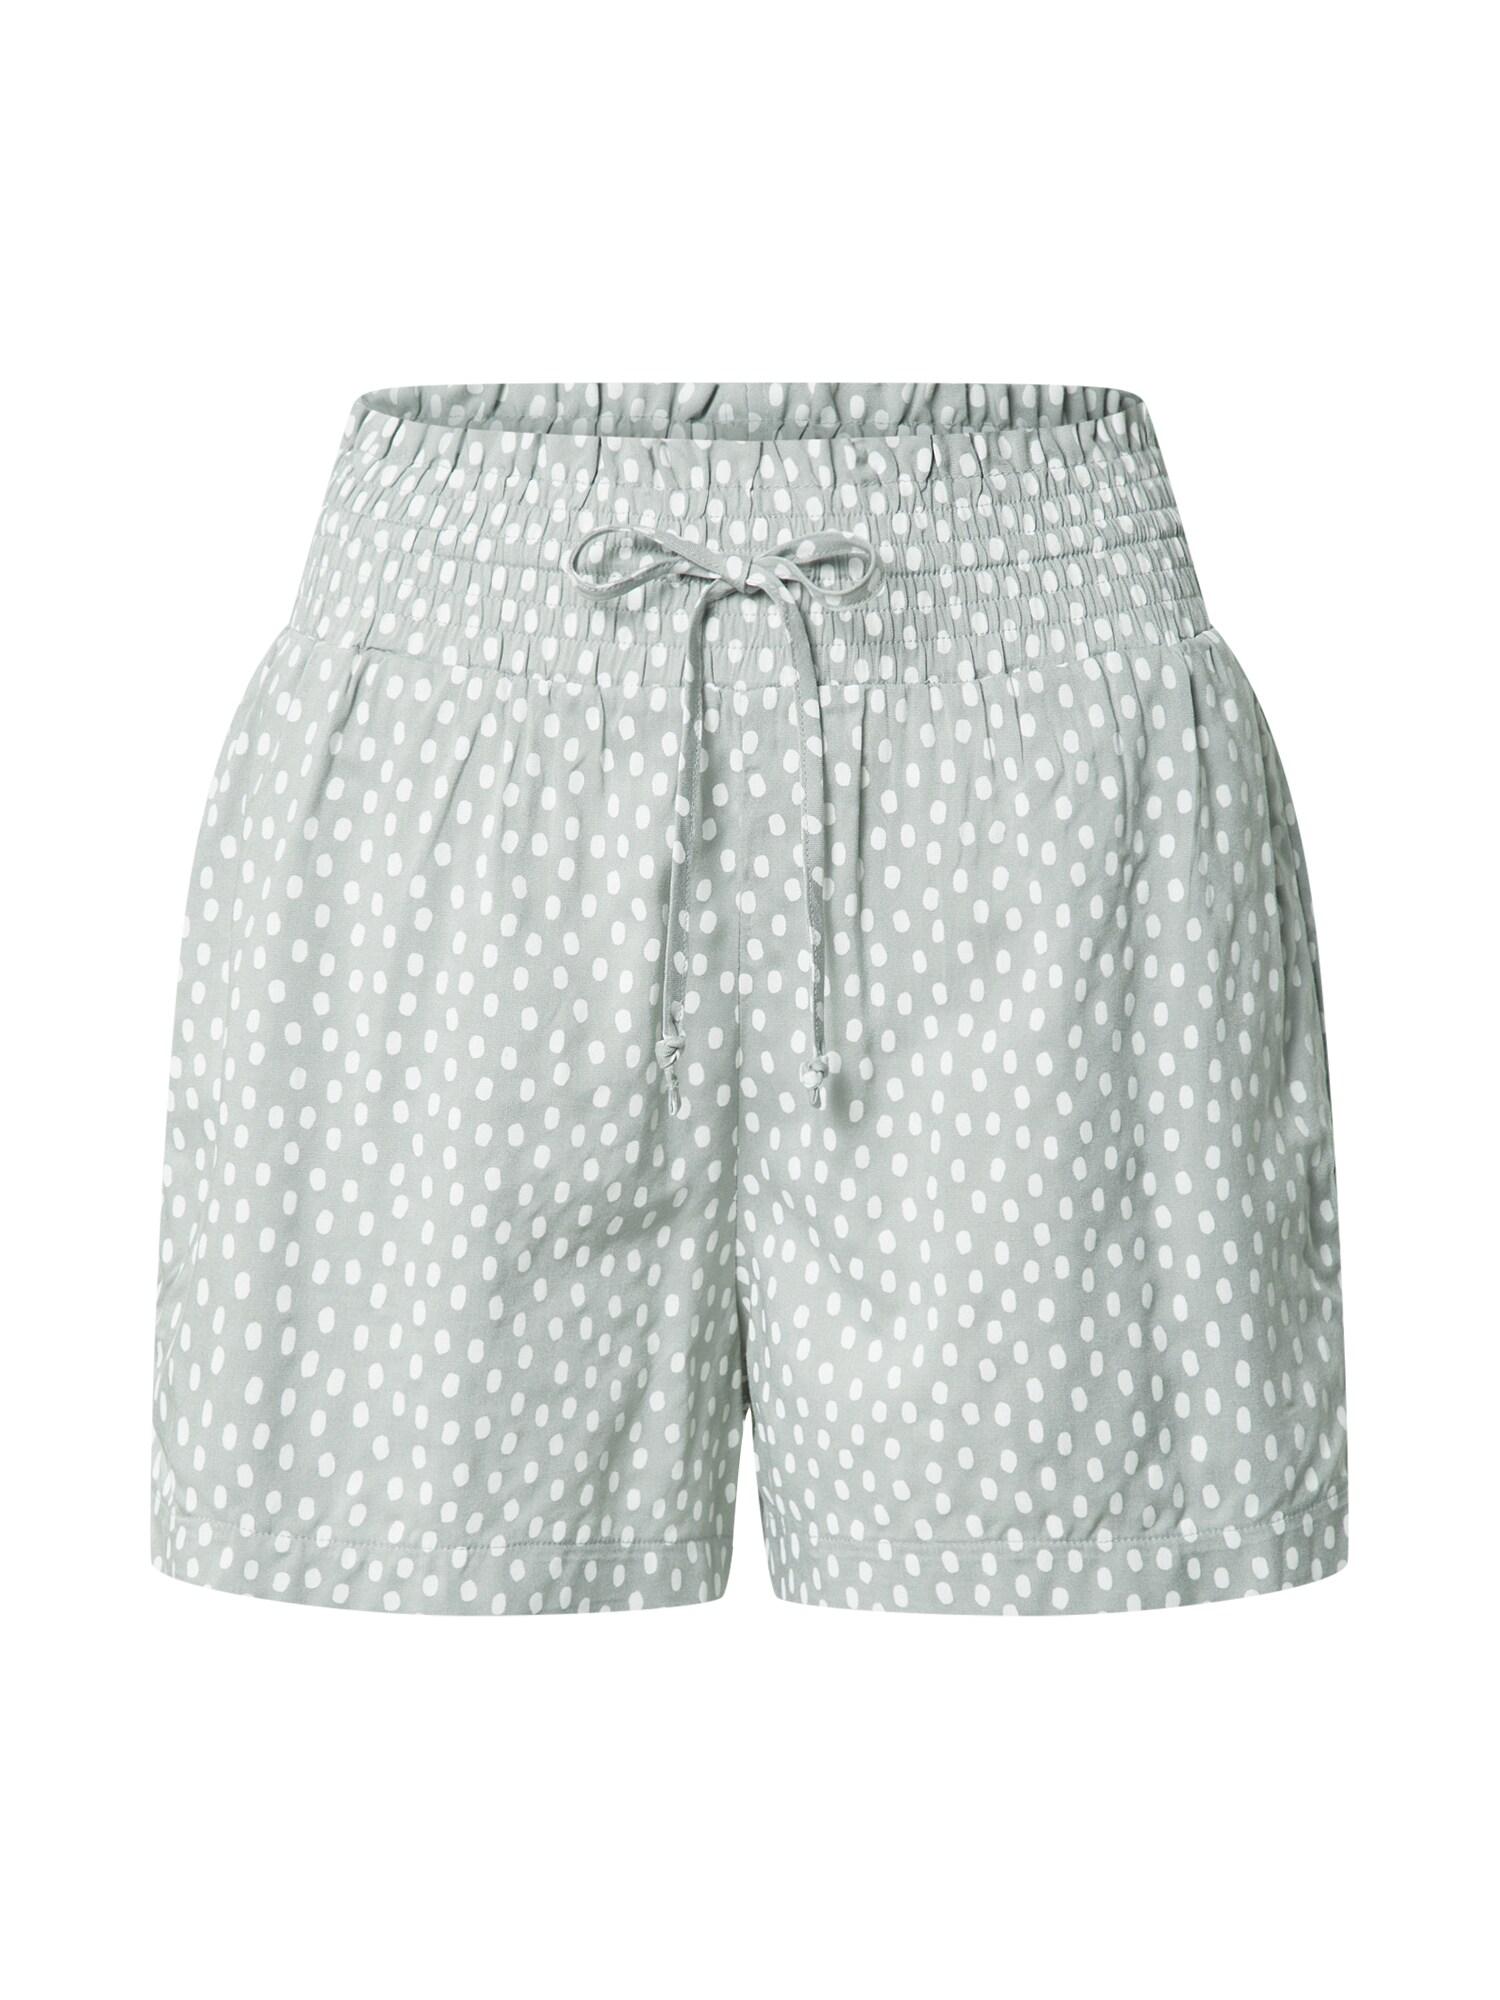 Abercrombie & Fitch Kelnės mėtų spalva / balta